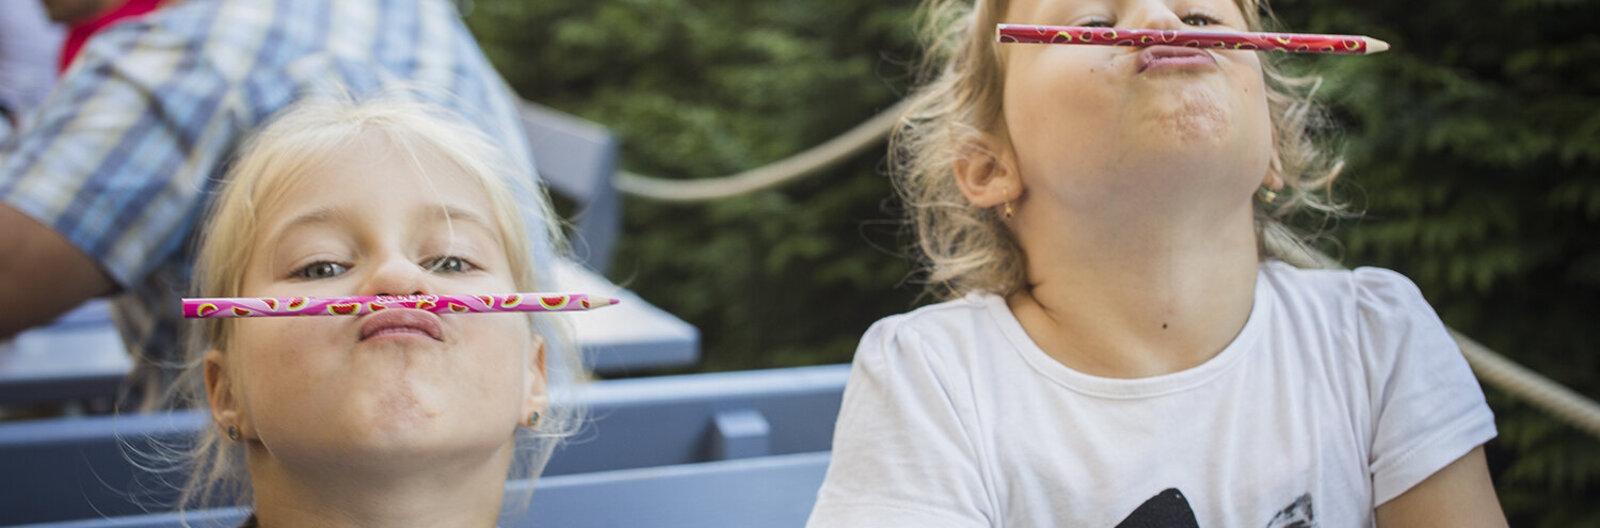 10 hely, ahol a gyerekek sem fognak unatkozni